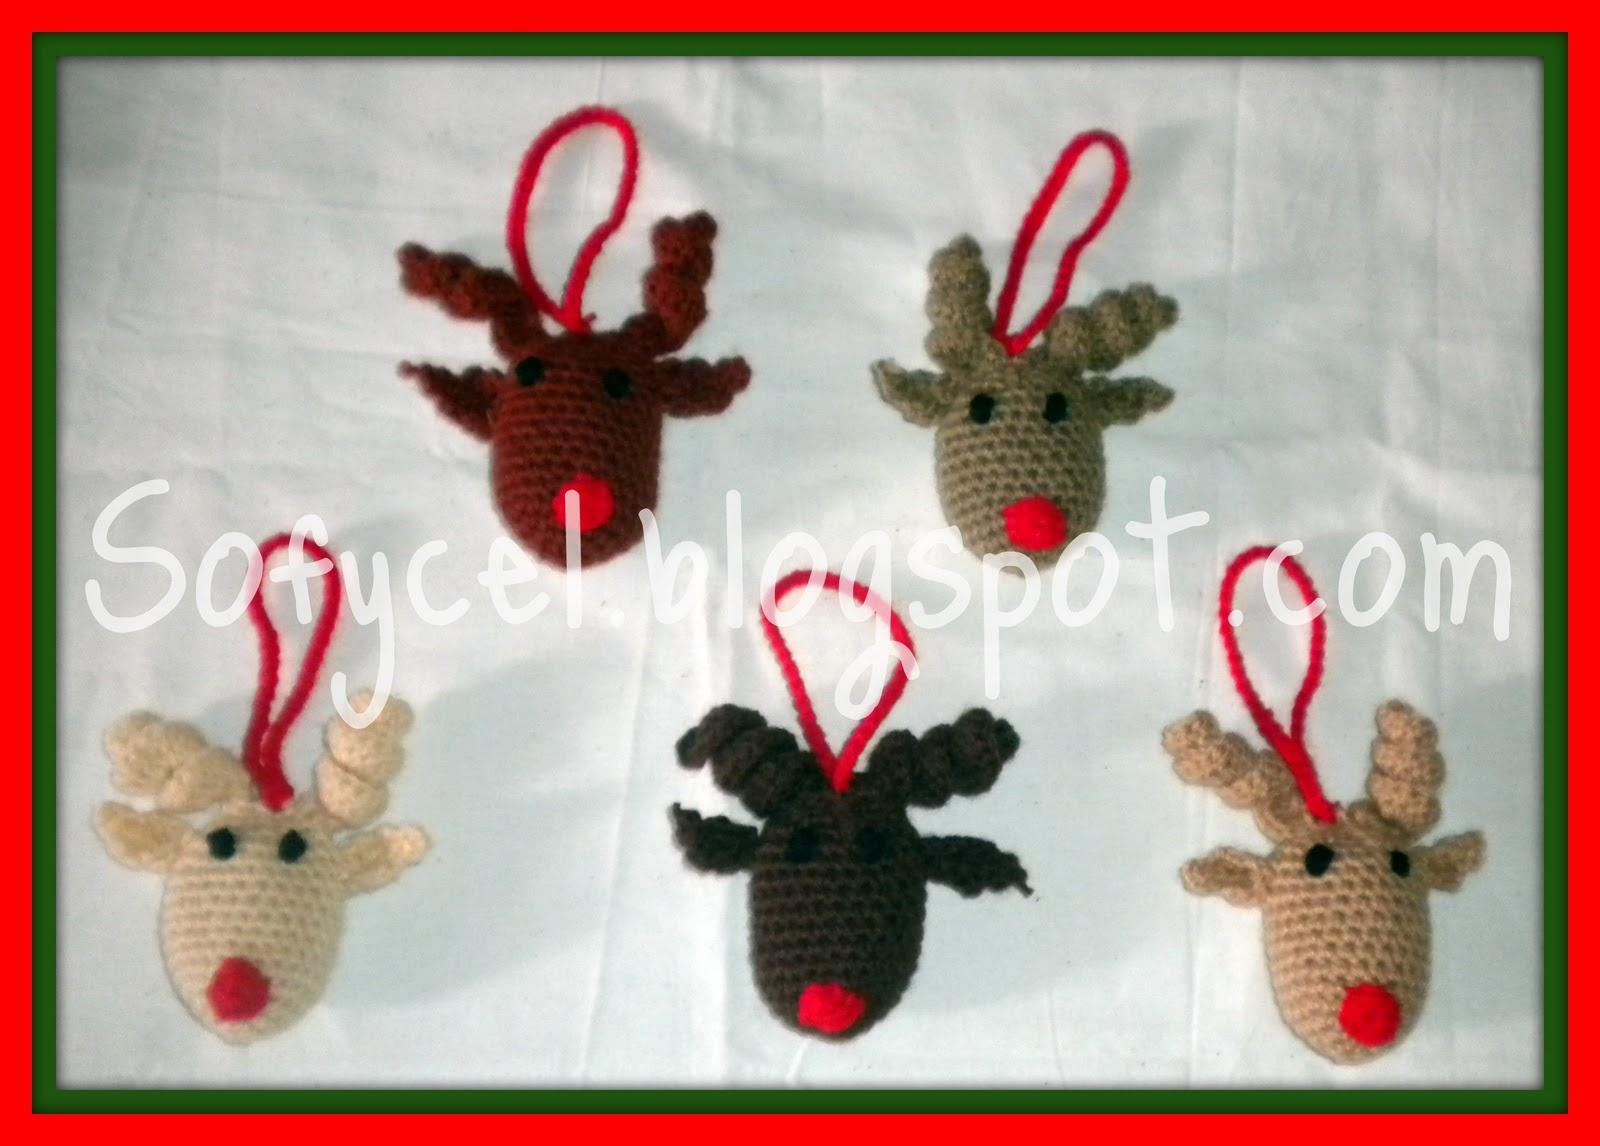 Sofycel creaciones adornos para el arbol de navidad - Arbol navidad adornos ...